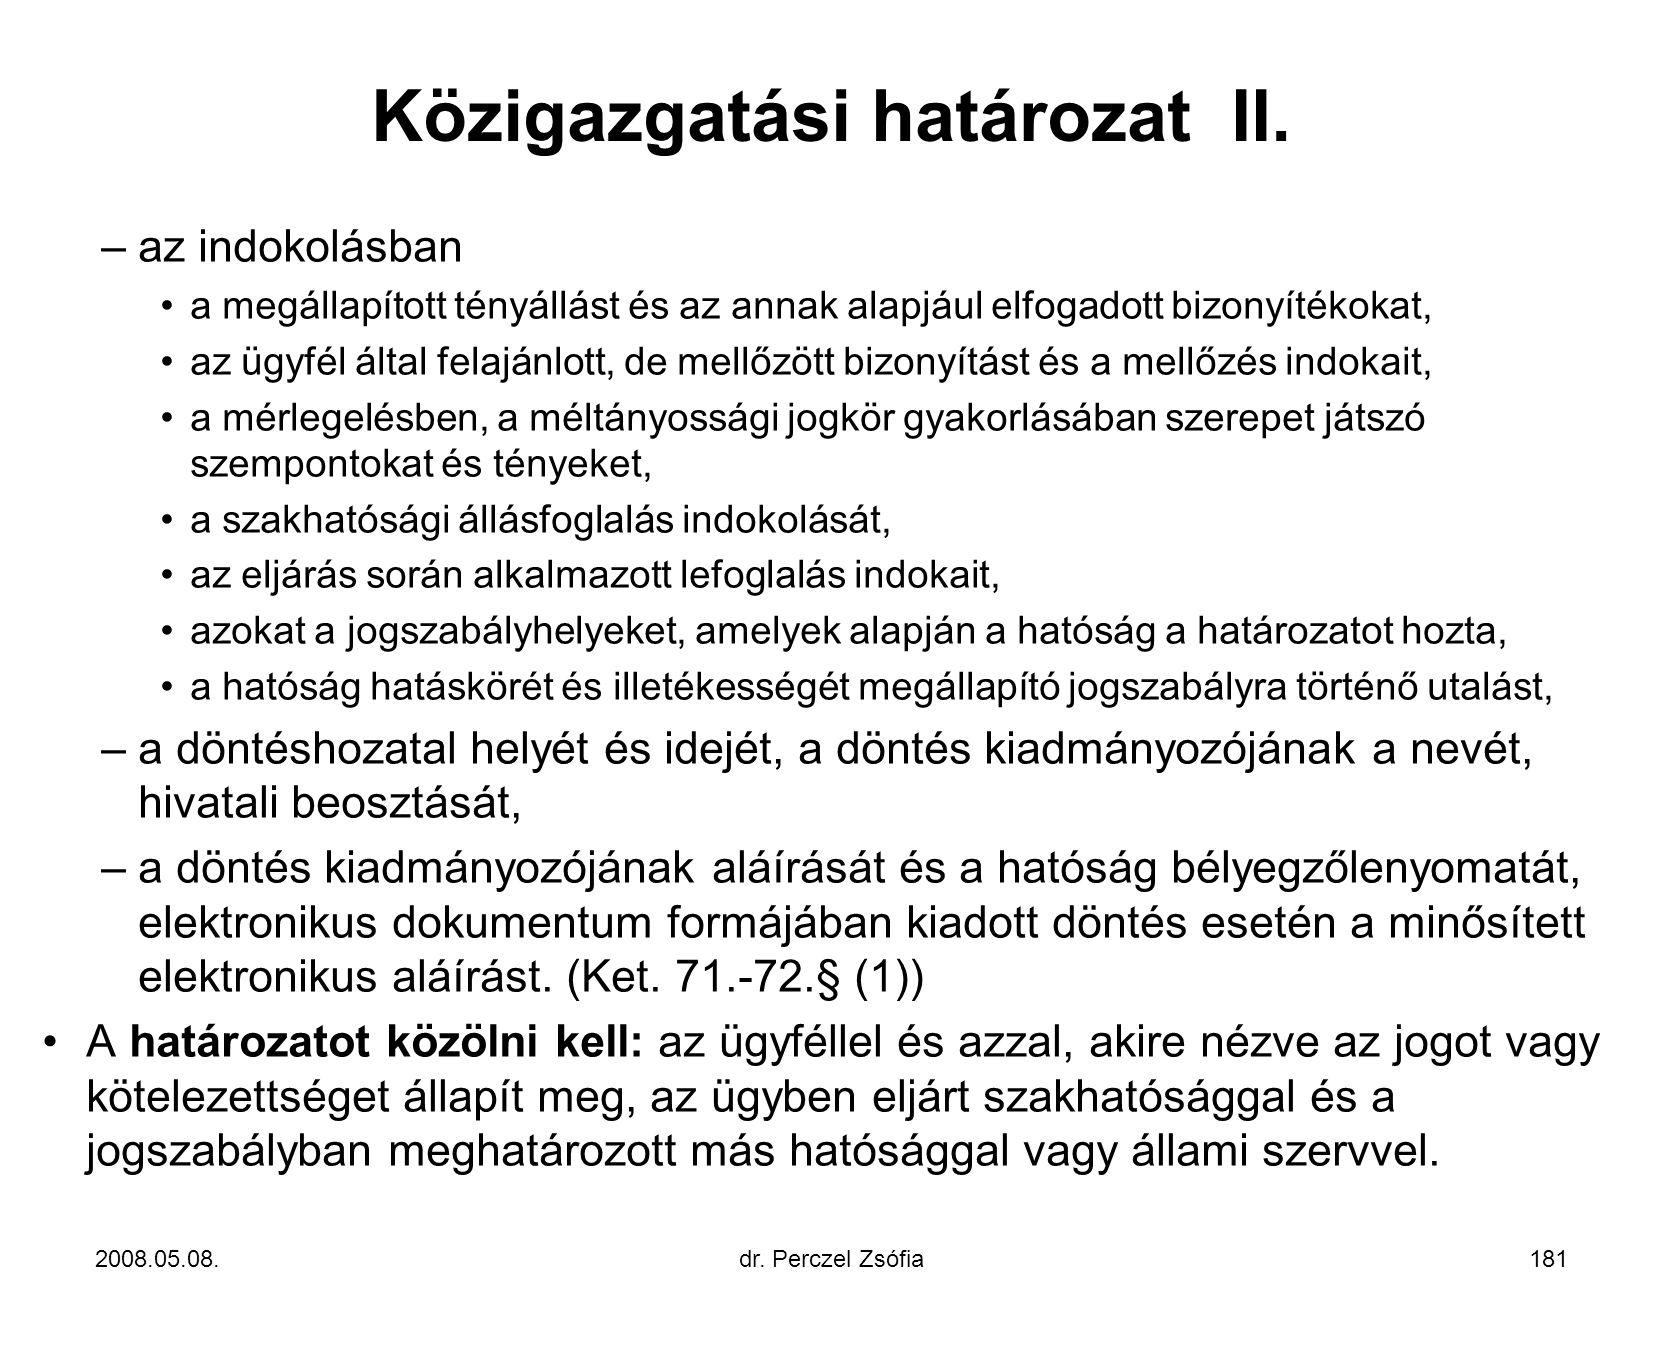 Közigazgatási határozat II.